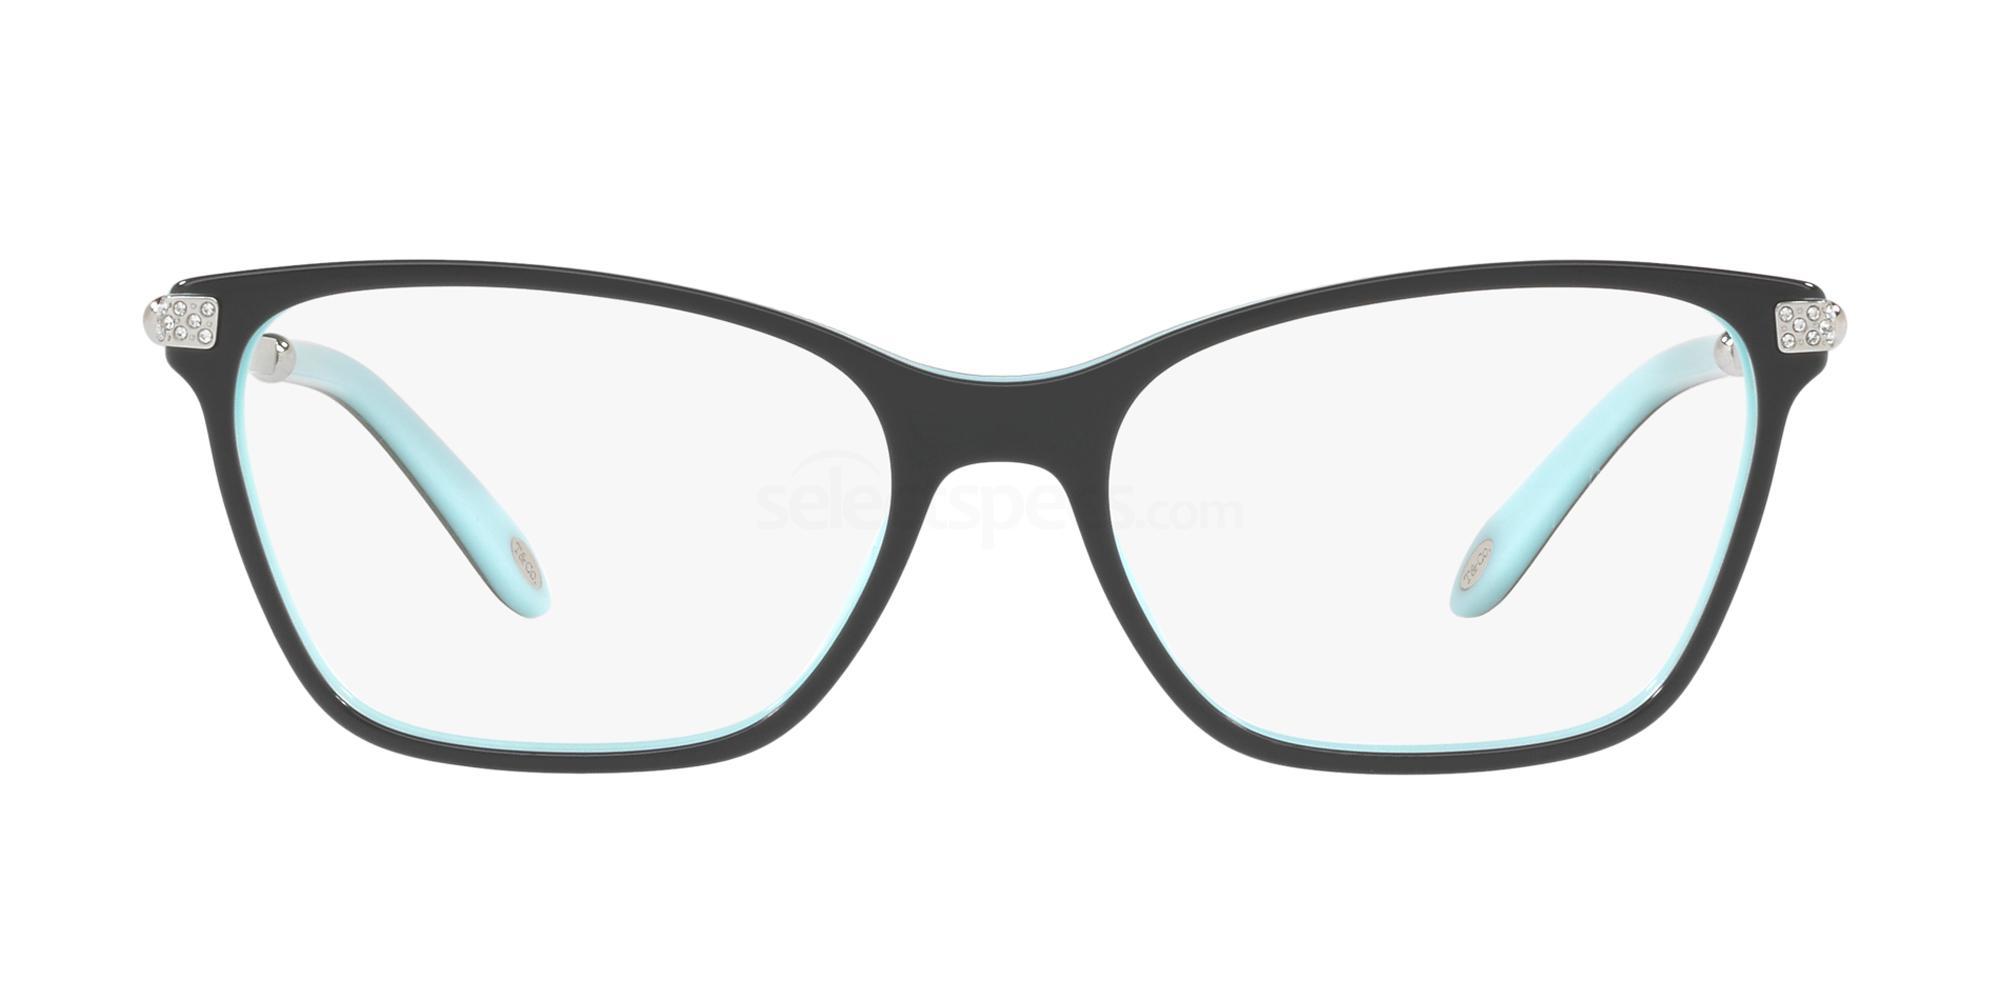 8055 TF2158B Glasses, Tiffany & Co.